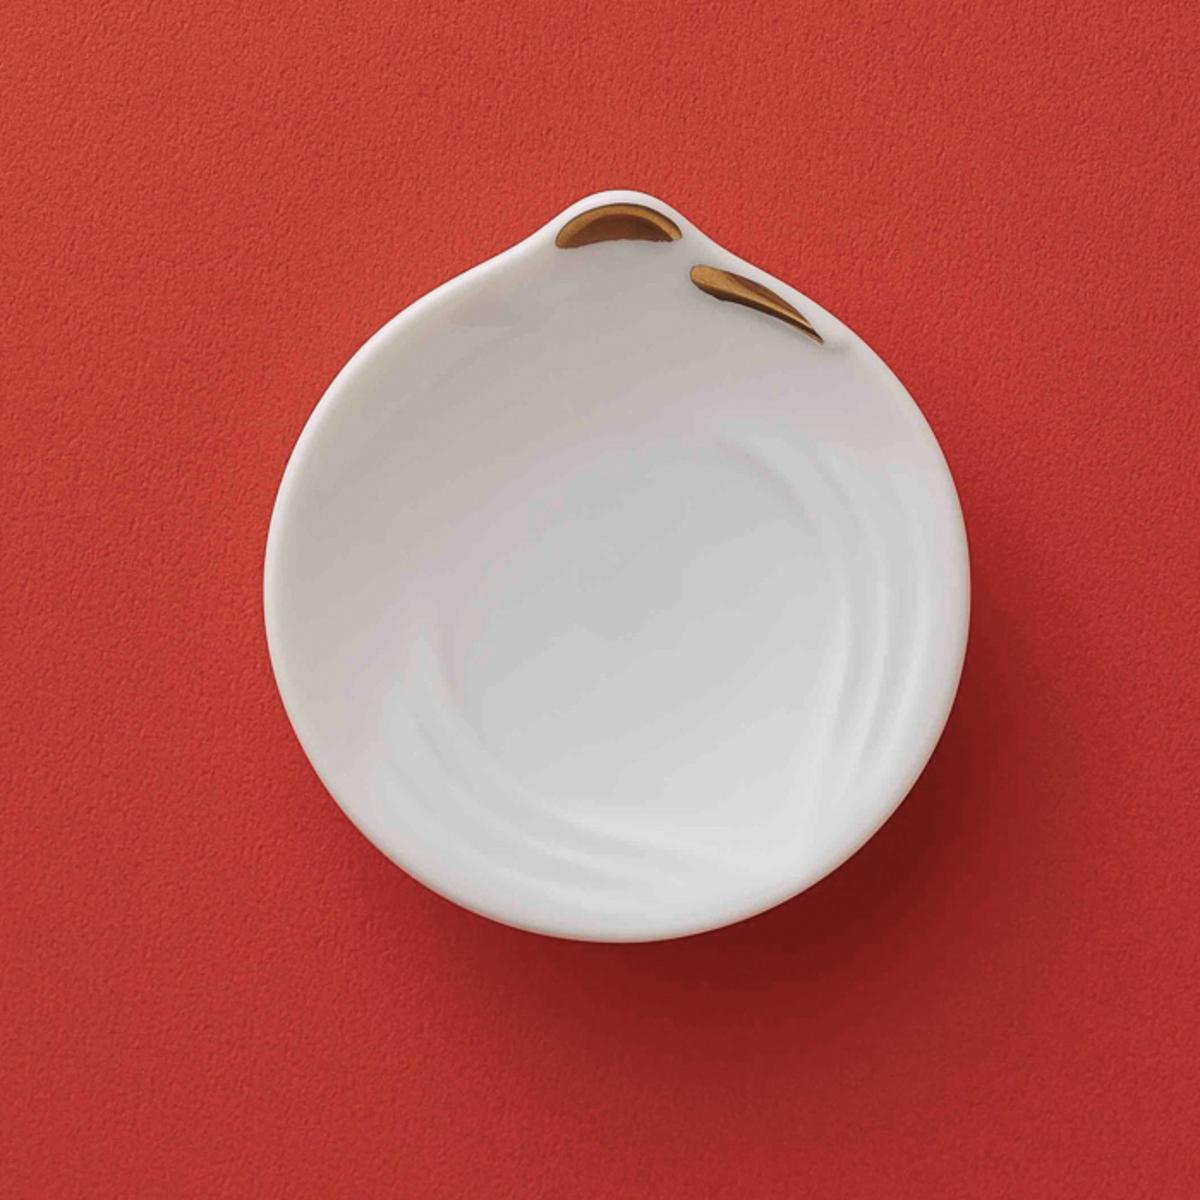 引越し・移転祝いに贈りたい「盛り塩皿」|毎日をちょっぴり豊かに、縁起がいい動物をモチーフにした「もりしお」セット | 動物縁起もりしお